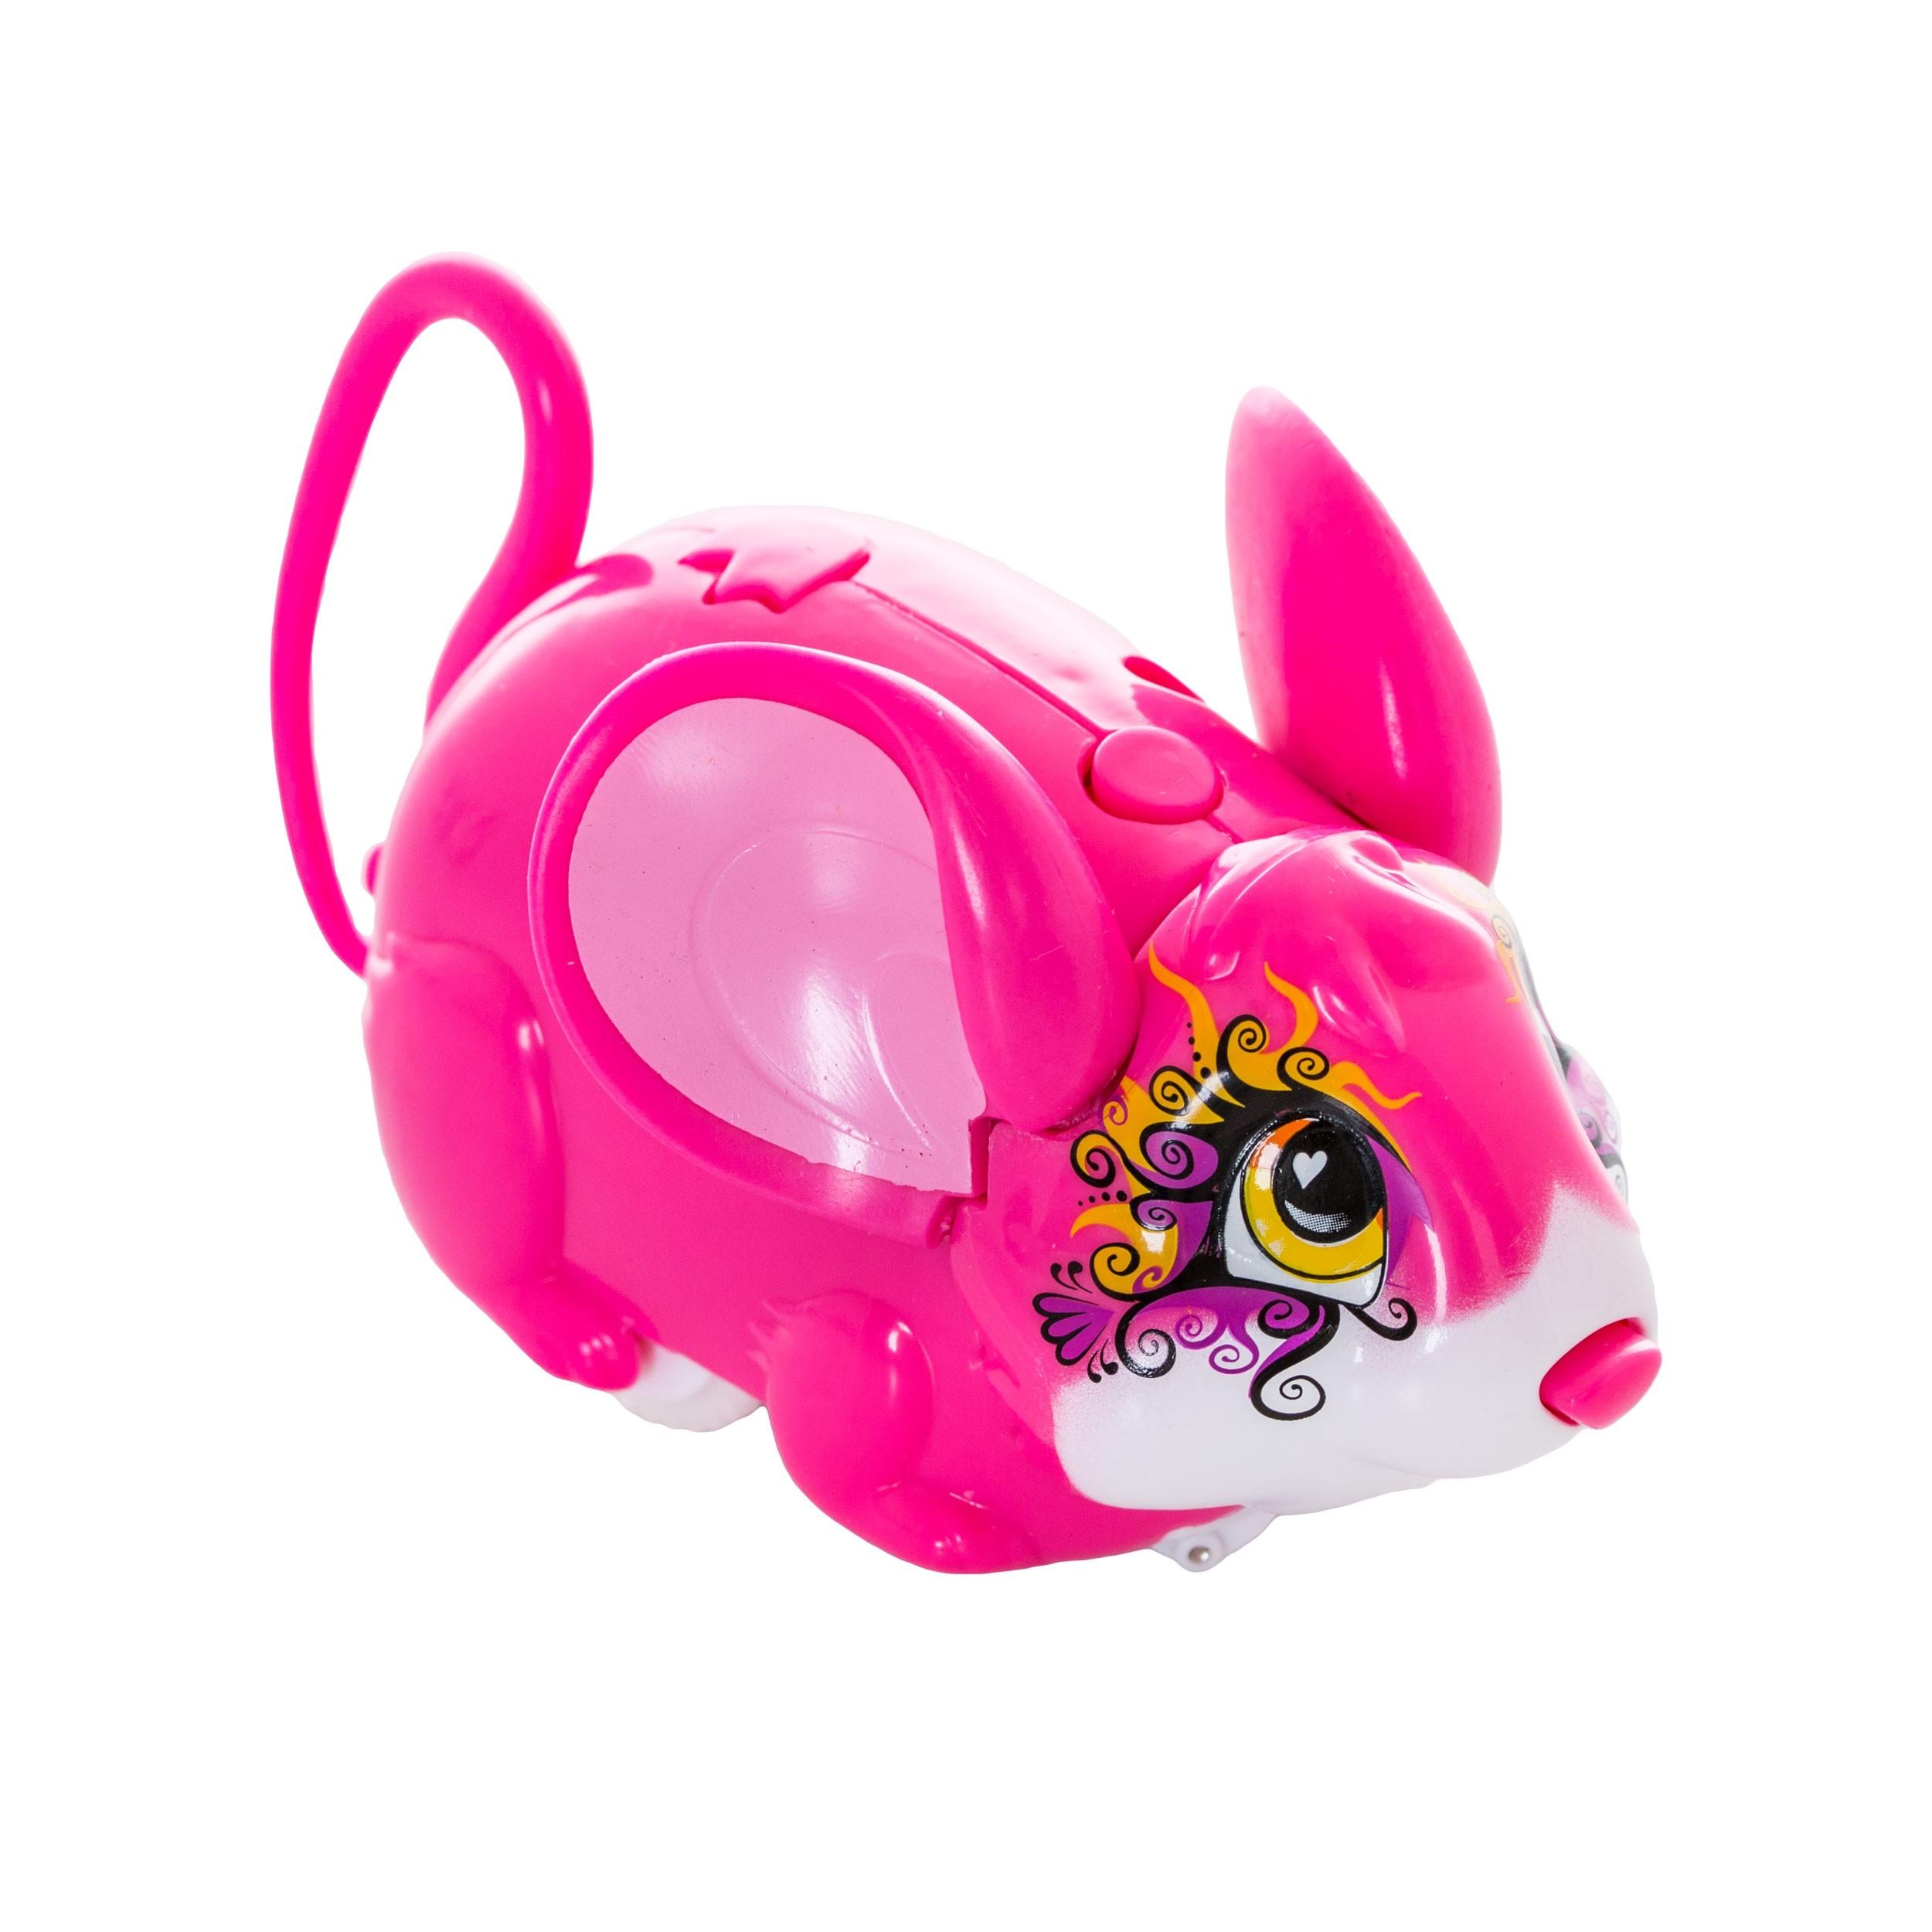 Amazing Zhus Amazing Zhus Мышка-циркач Андора игровая фигурка cepia cepia интерактивная игрушка amazing zhus мышка циркач абра